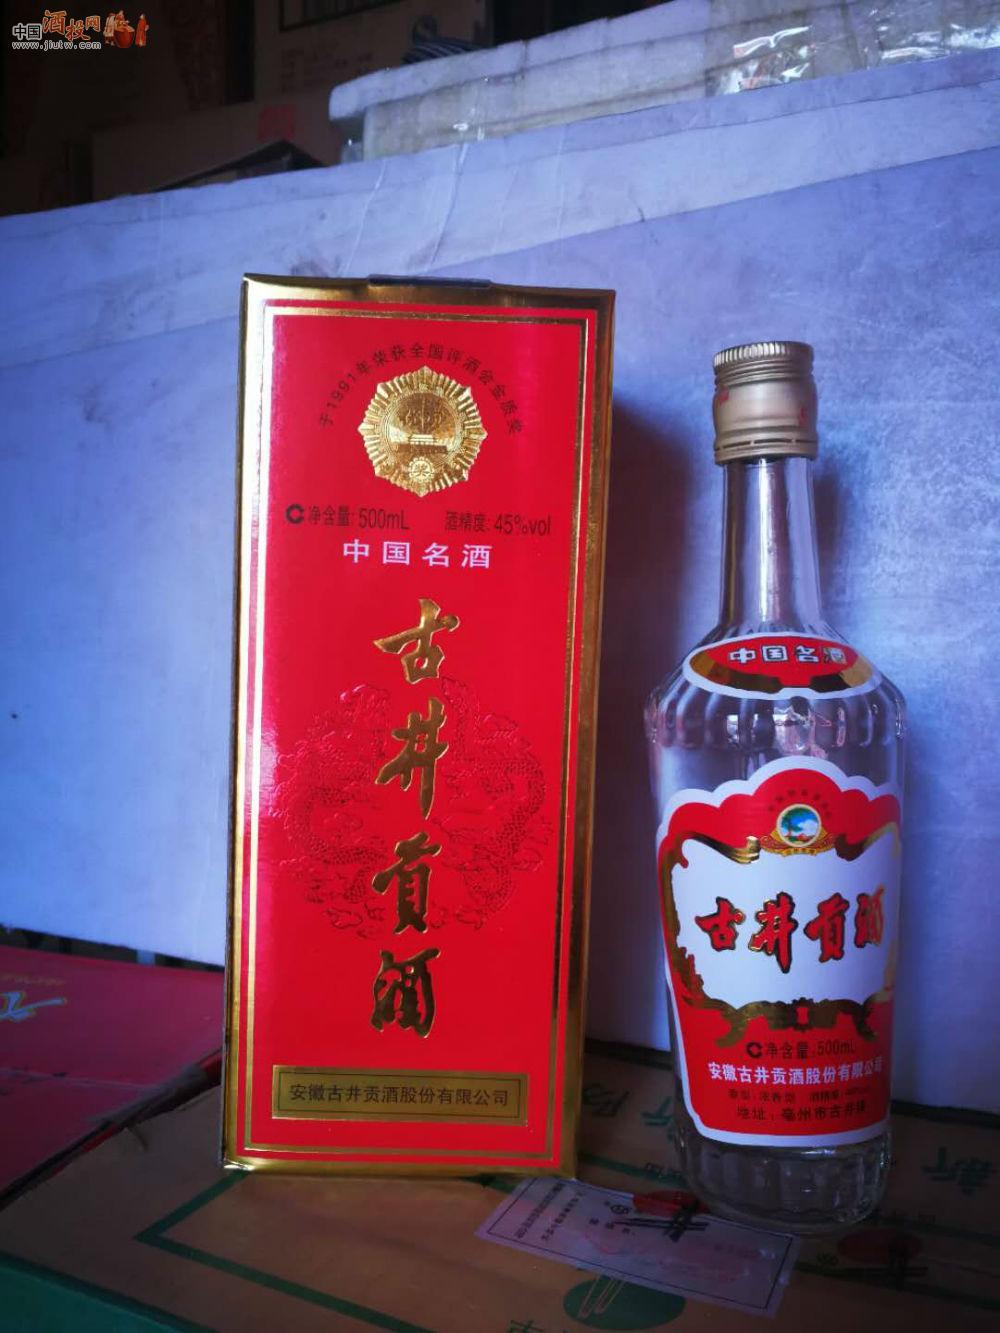 11年贡酒古井40件带中国名酒标志设计用语交通安全图片